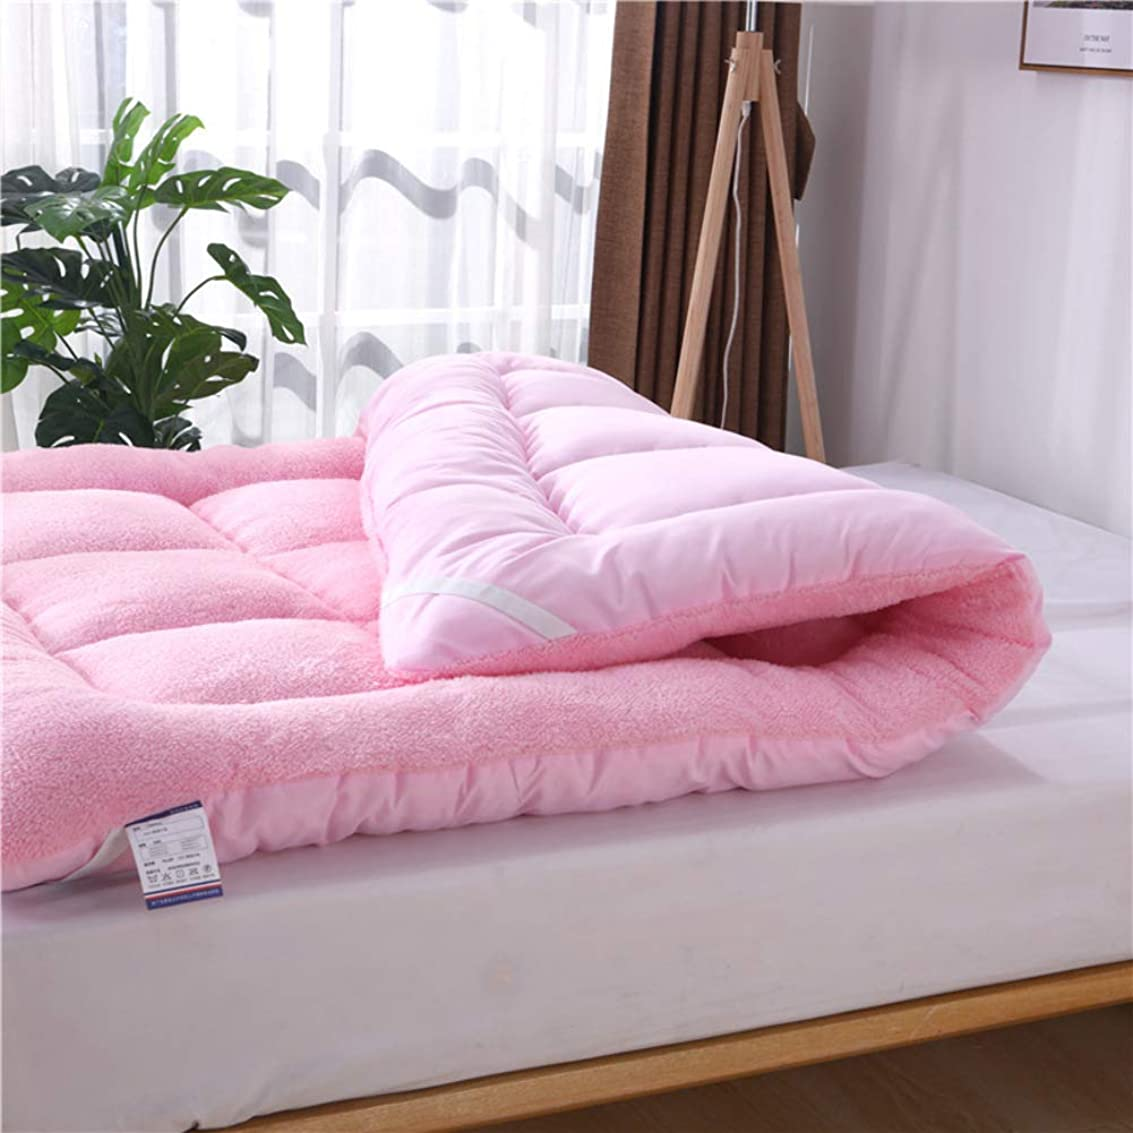 卑しいビームまたはどちらかソフト ぬいぐるみ 布団フロアマットレス, カシミアとブラシ付き生地 元に戻せる状態 パッドを睡眠 じゃない-スリップ 通気性 マットレス トッパー-ピンク フル